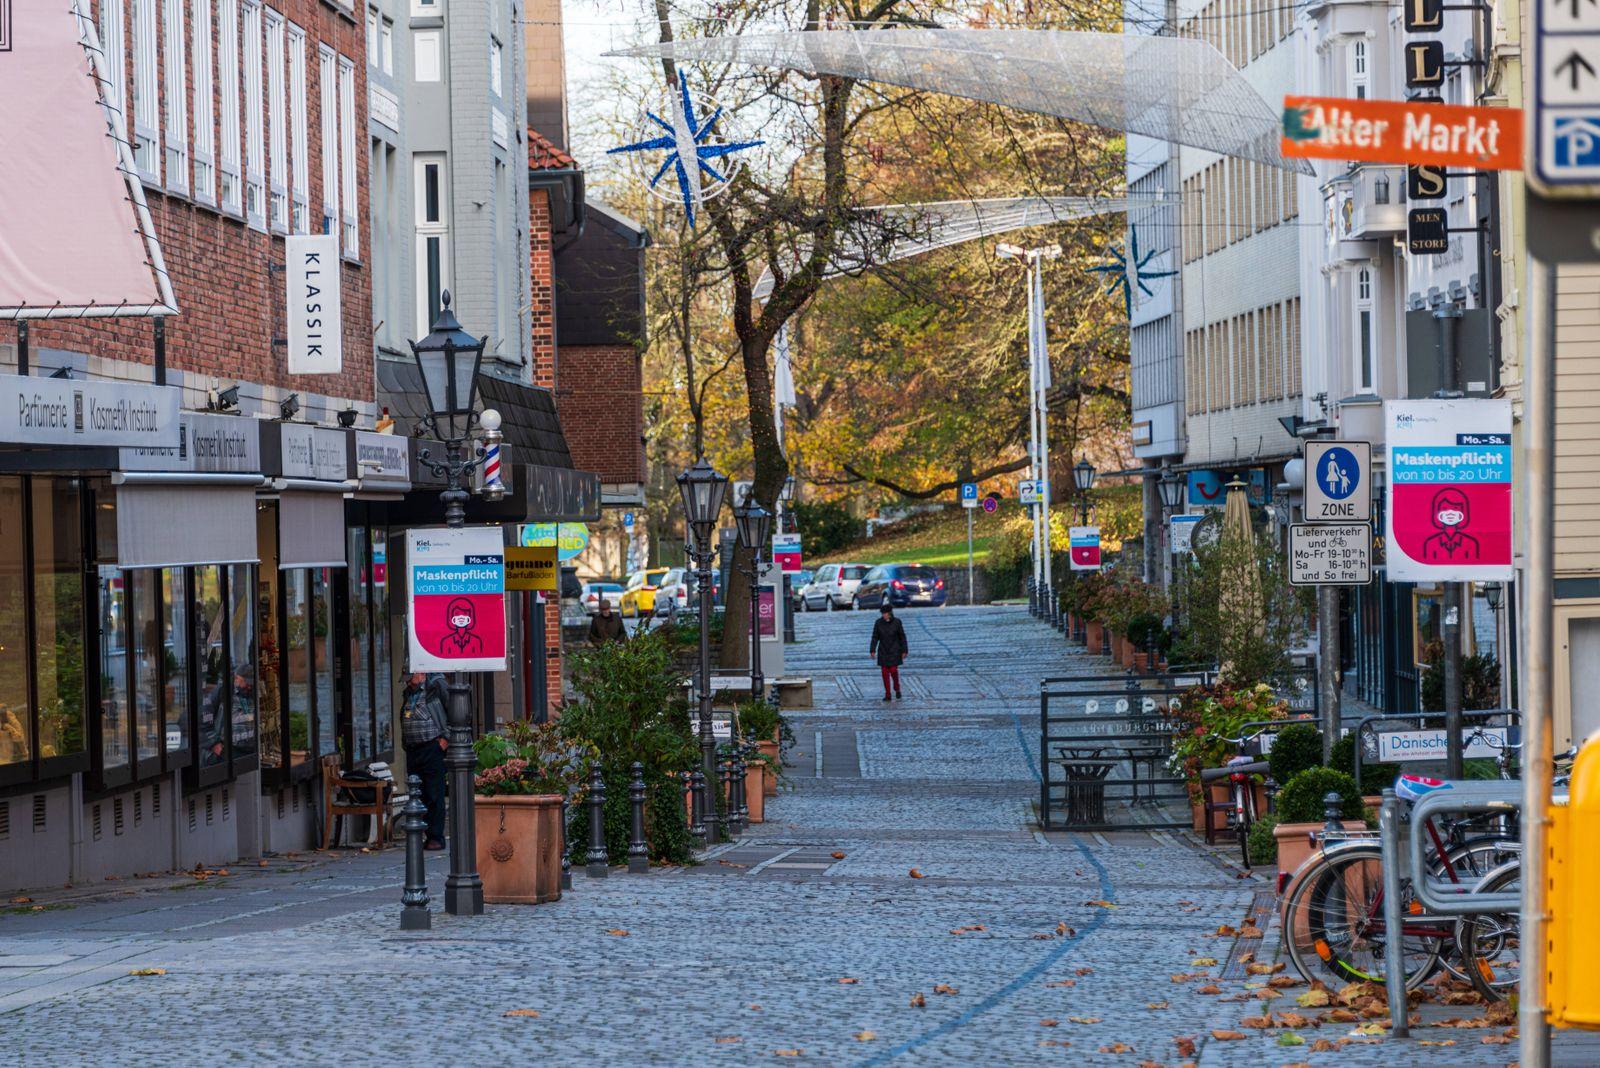 Der Alte Markt in Kiel ein gastronomischer Hotspot, während des Corona-Lockdowns menschenleer *** The Old Market in Kie